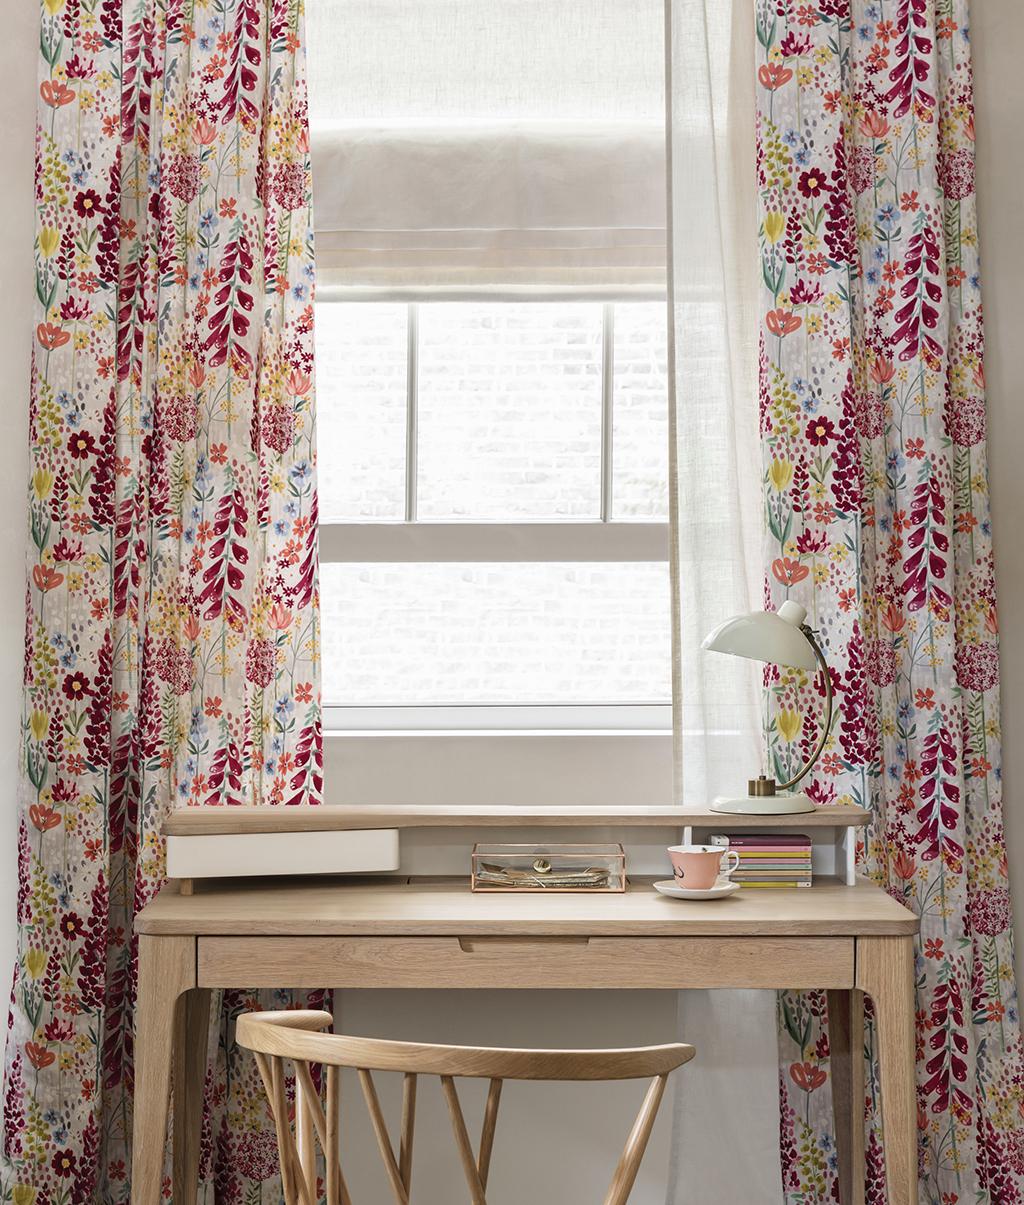 Curtains - John Lewis